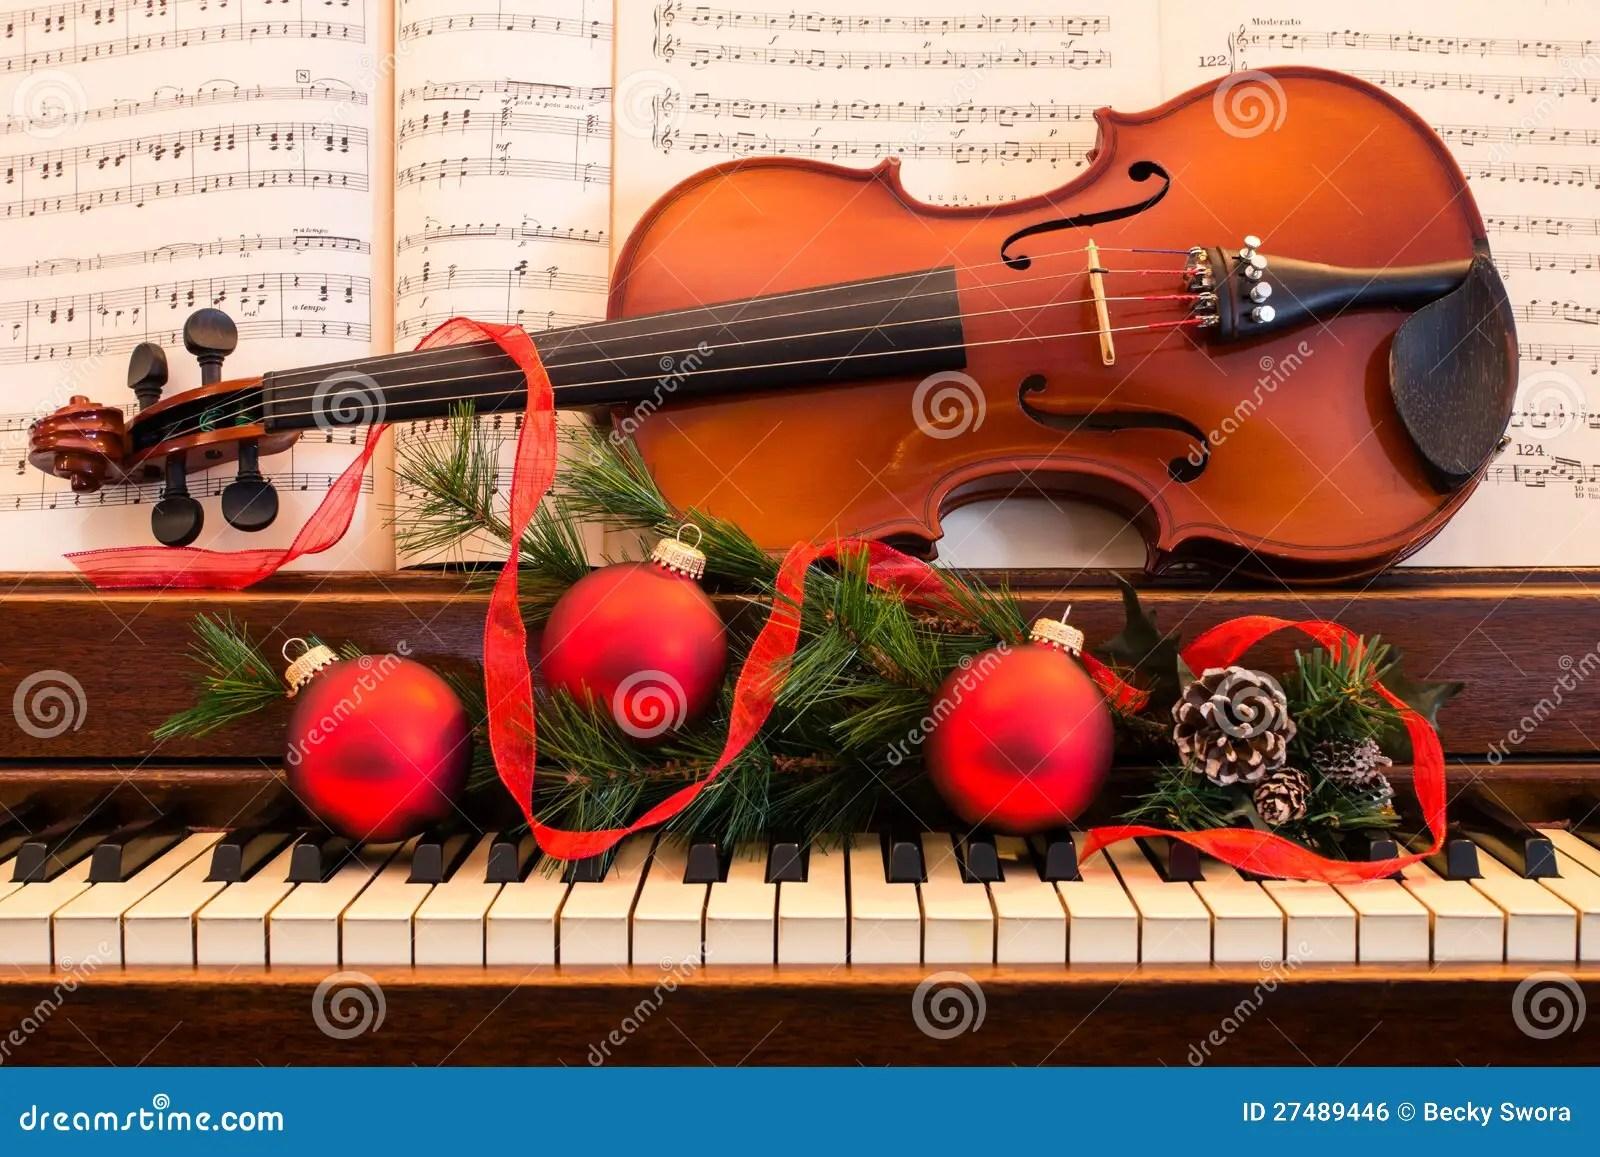 Holiday Violin And Piano Royalty Free Stock Image Image